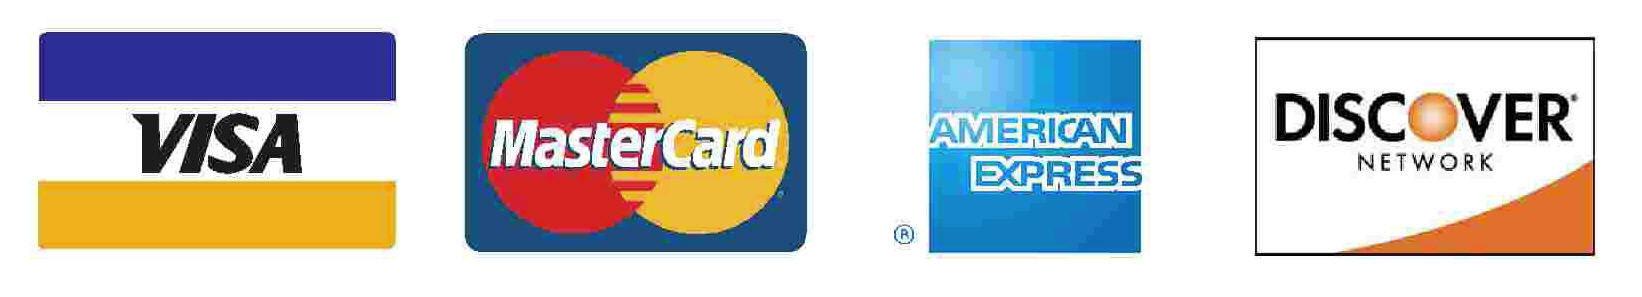 Visa MasterCard Discover American Express Card Logo